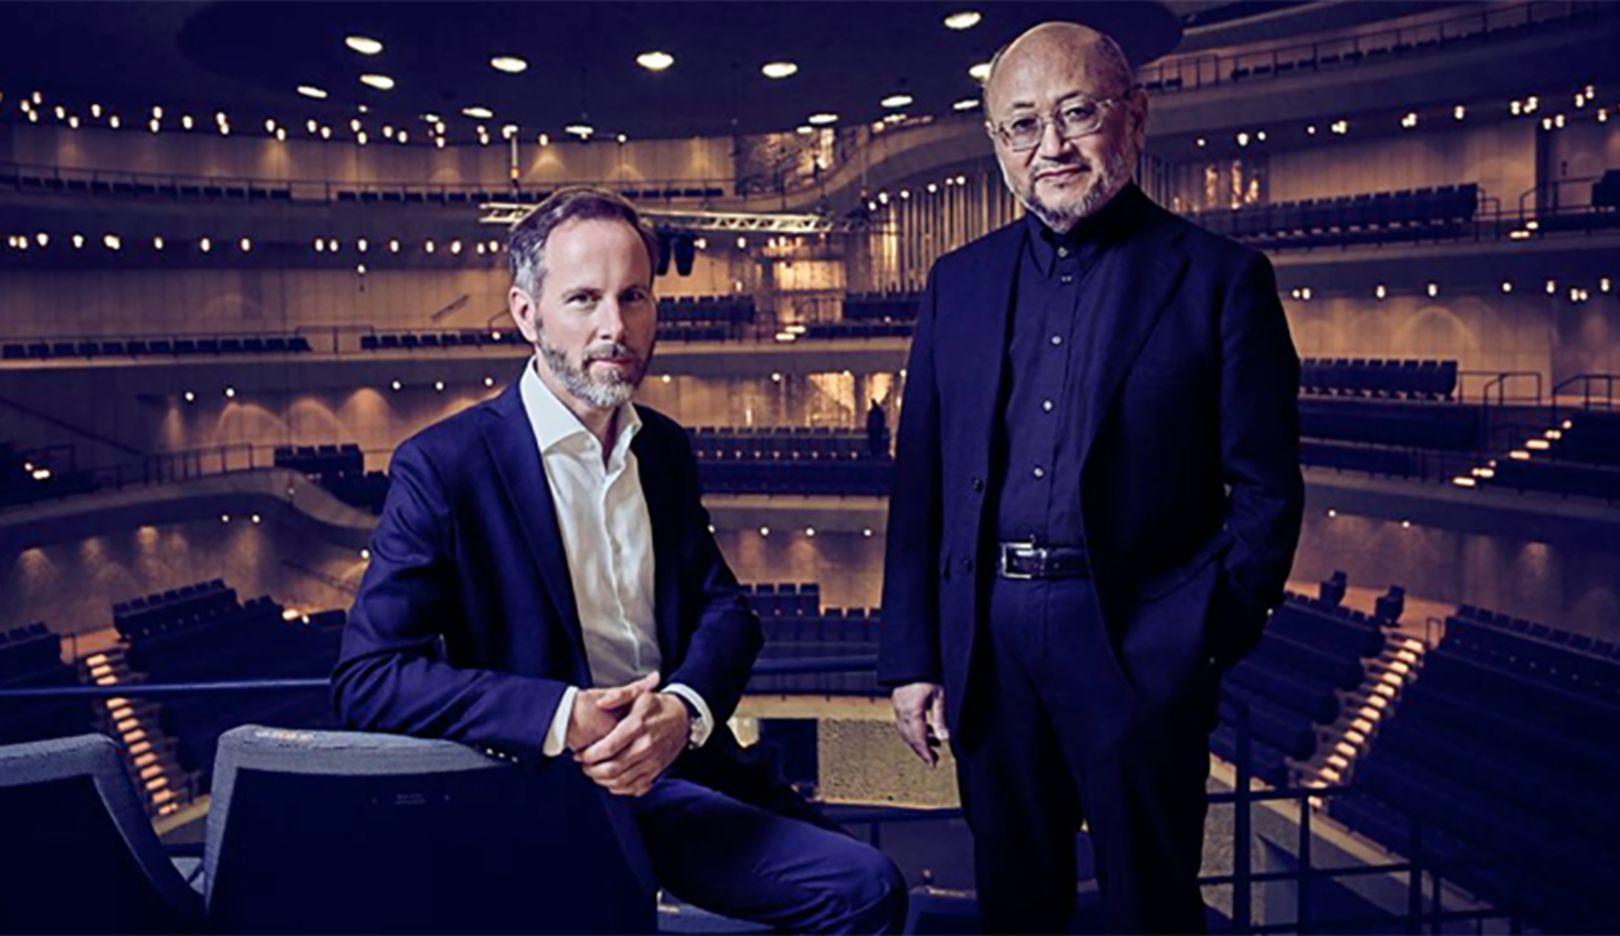 Andreas Henke, Geschäftsführer von Burmester, Yasuhisa Toyota, Akustikdesigner, l-r, Elbphilharmonie Hamburg, 2017, Porsche AG